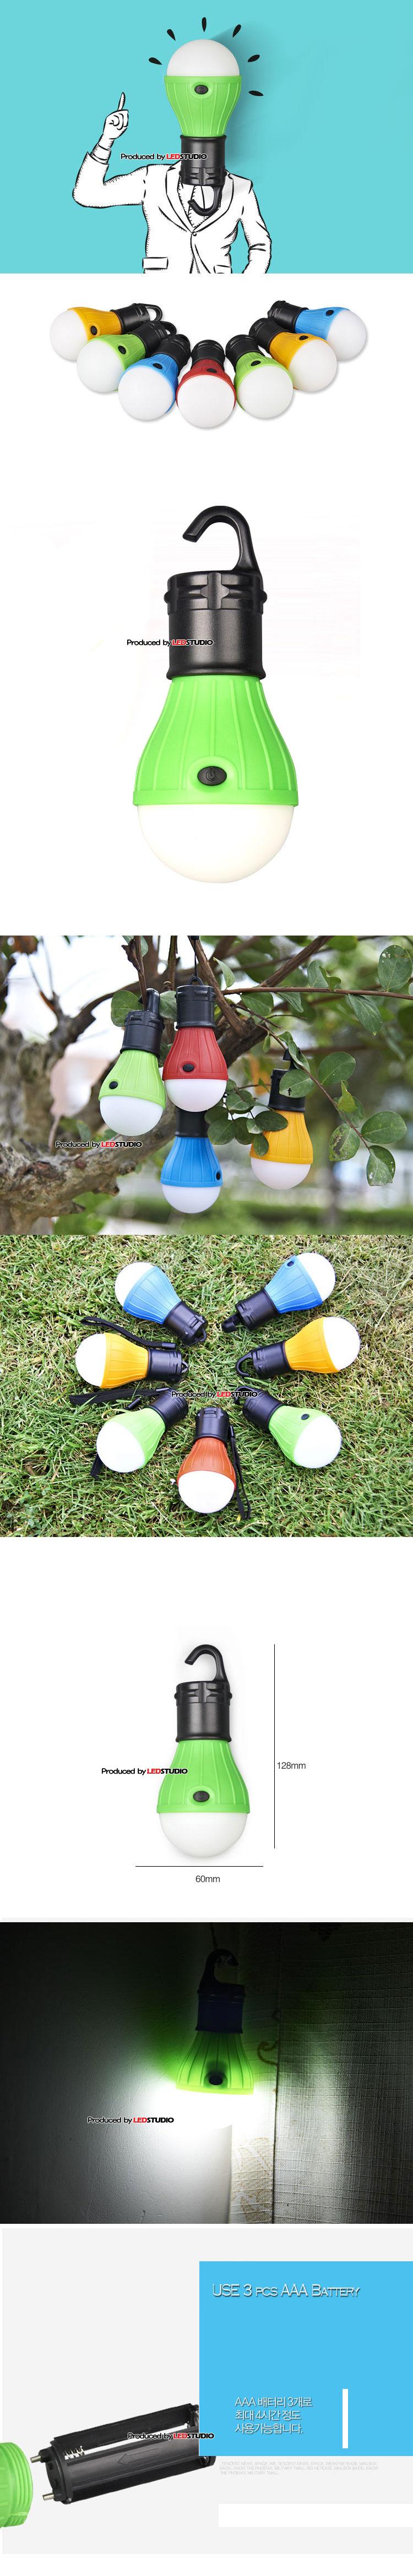 전구 모양 텐트 걸이 램프 (AAA 배터리용)